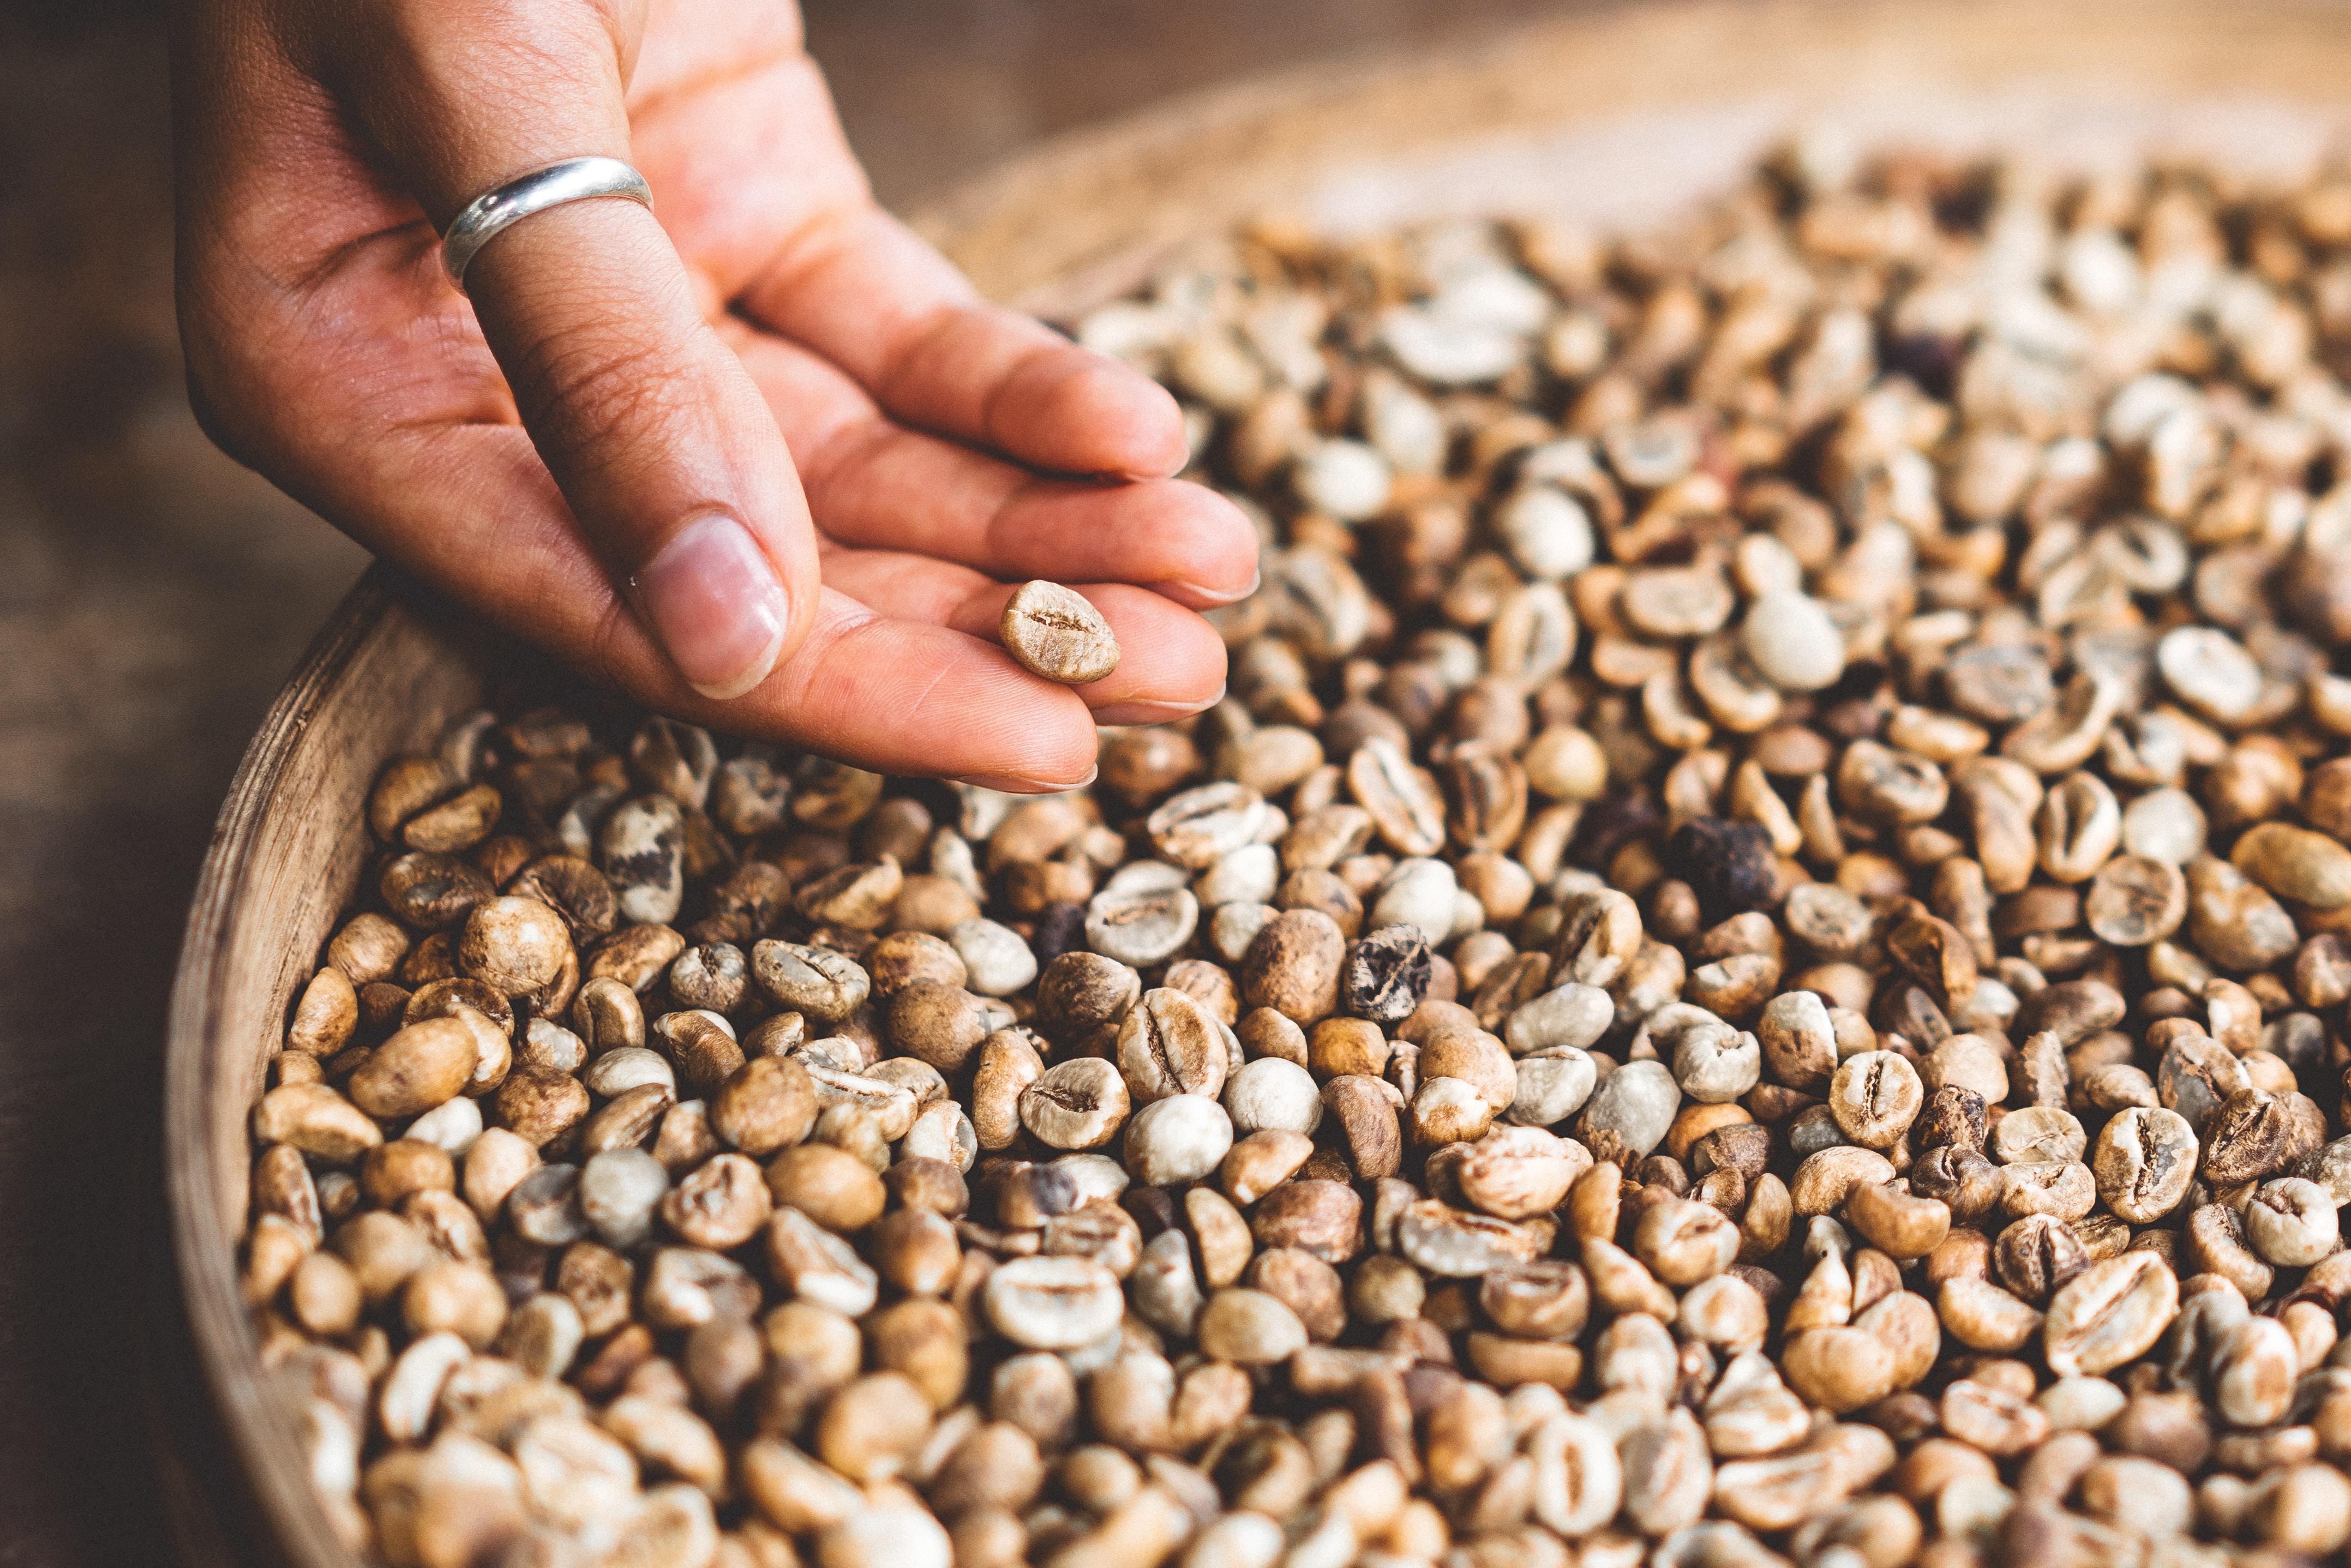 手挑咖啡豆